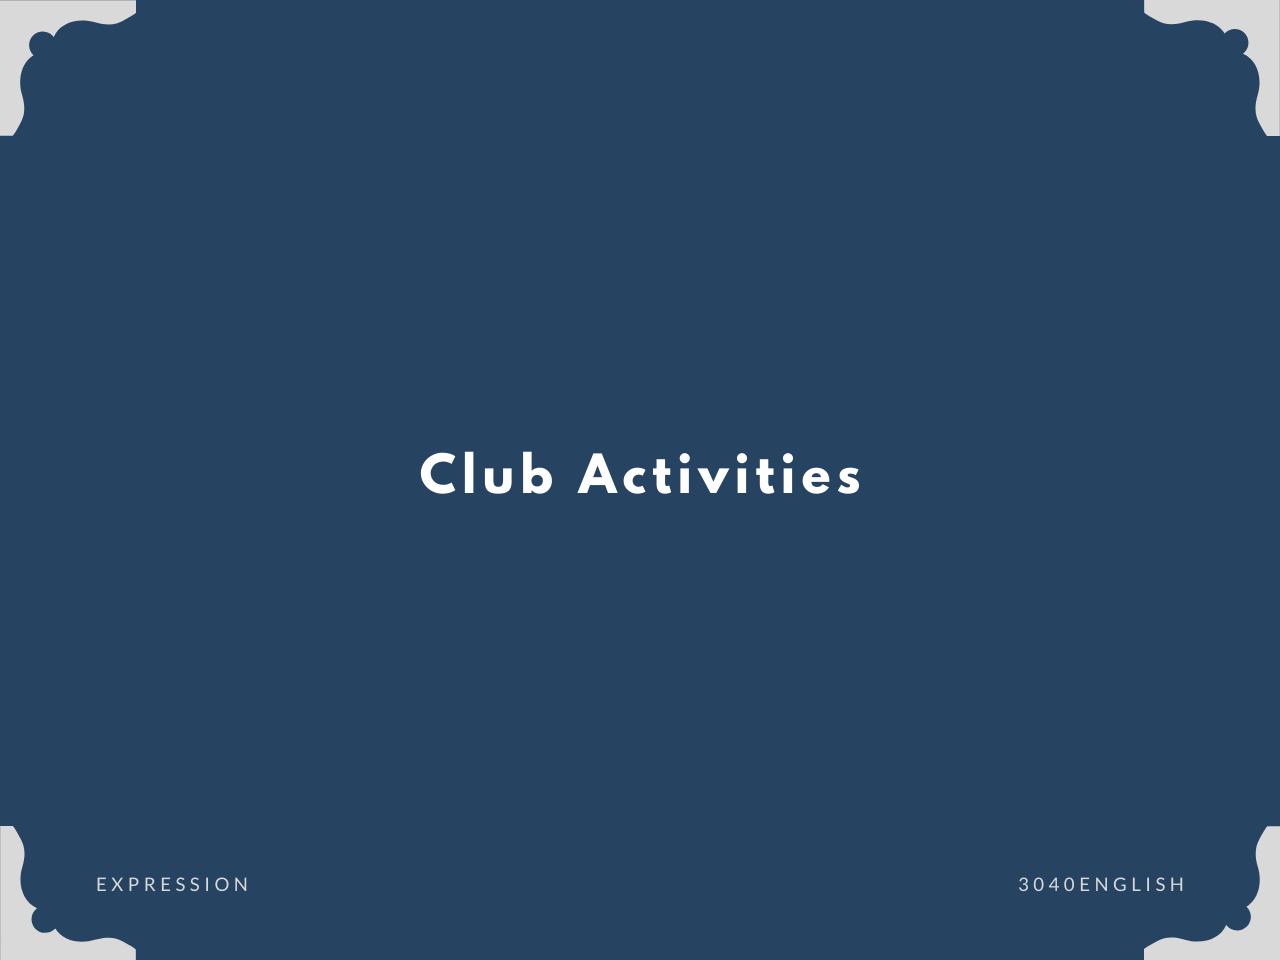 「部活」「クラブ活動」の英語表現一覧【英会話用例文あり】